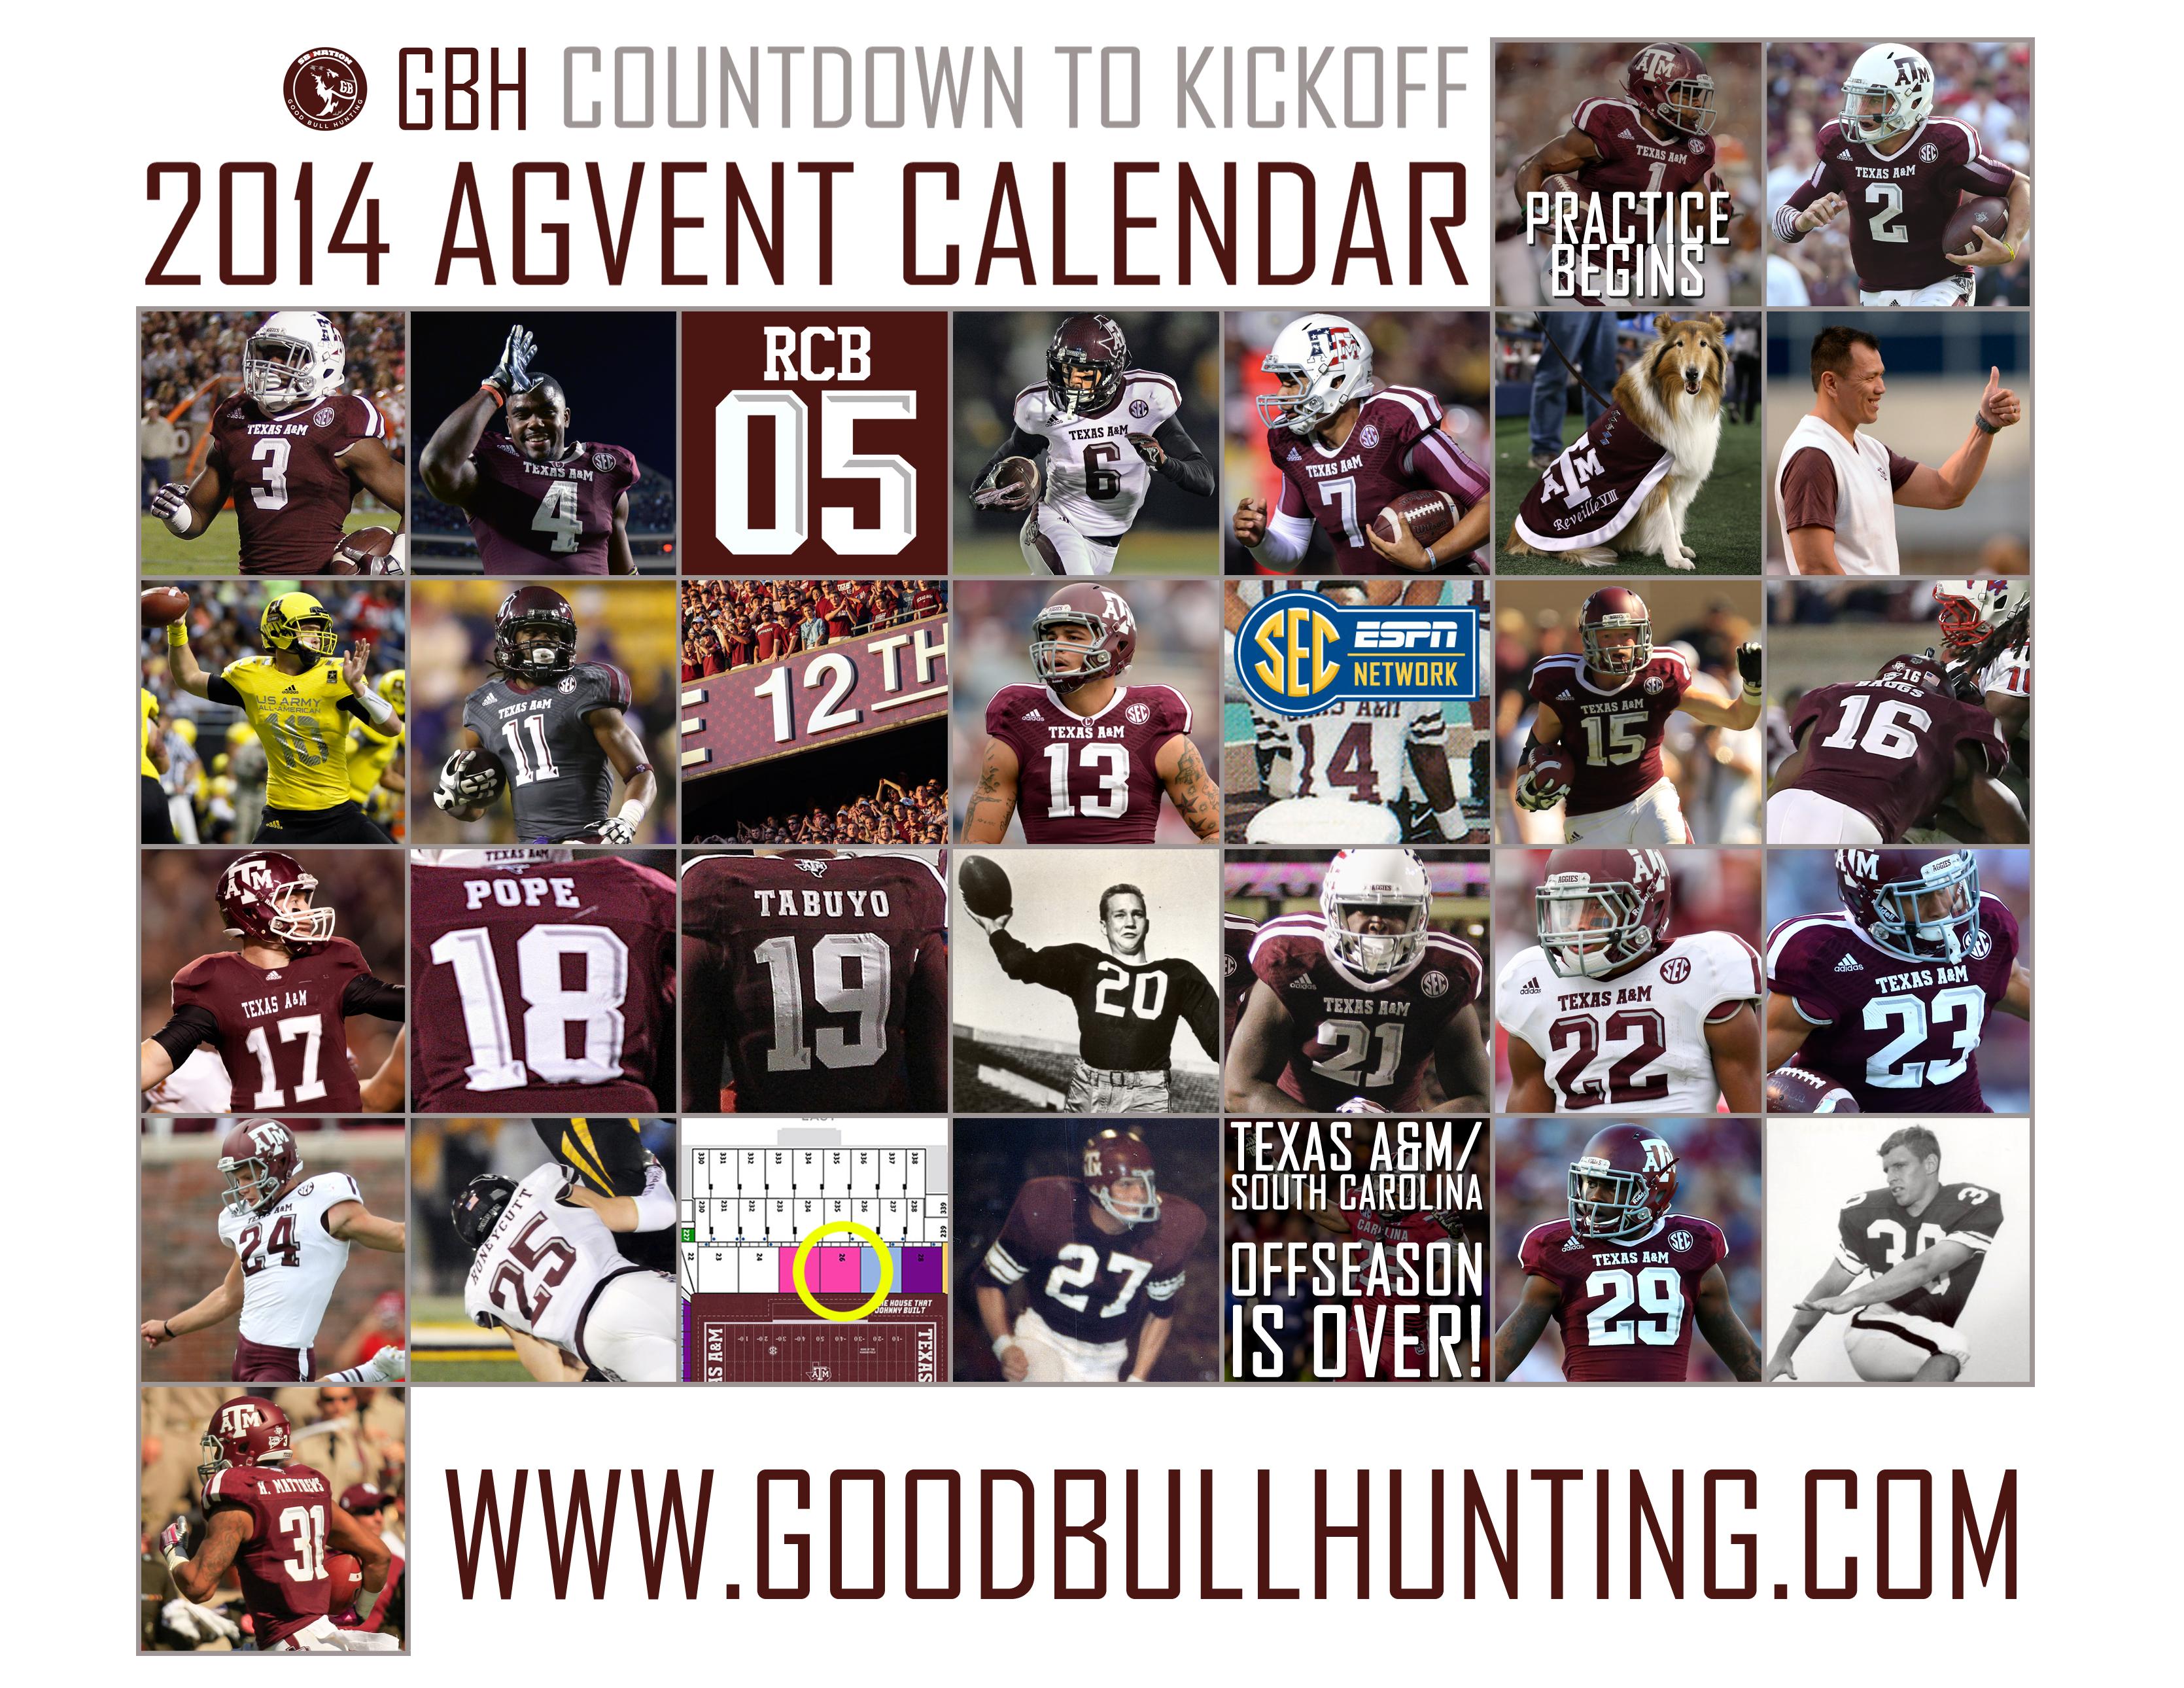 Agvent_calendar_2014_secn